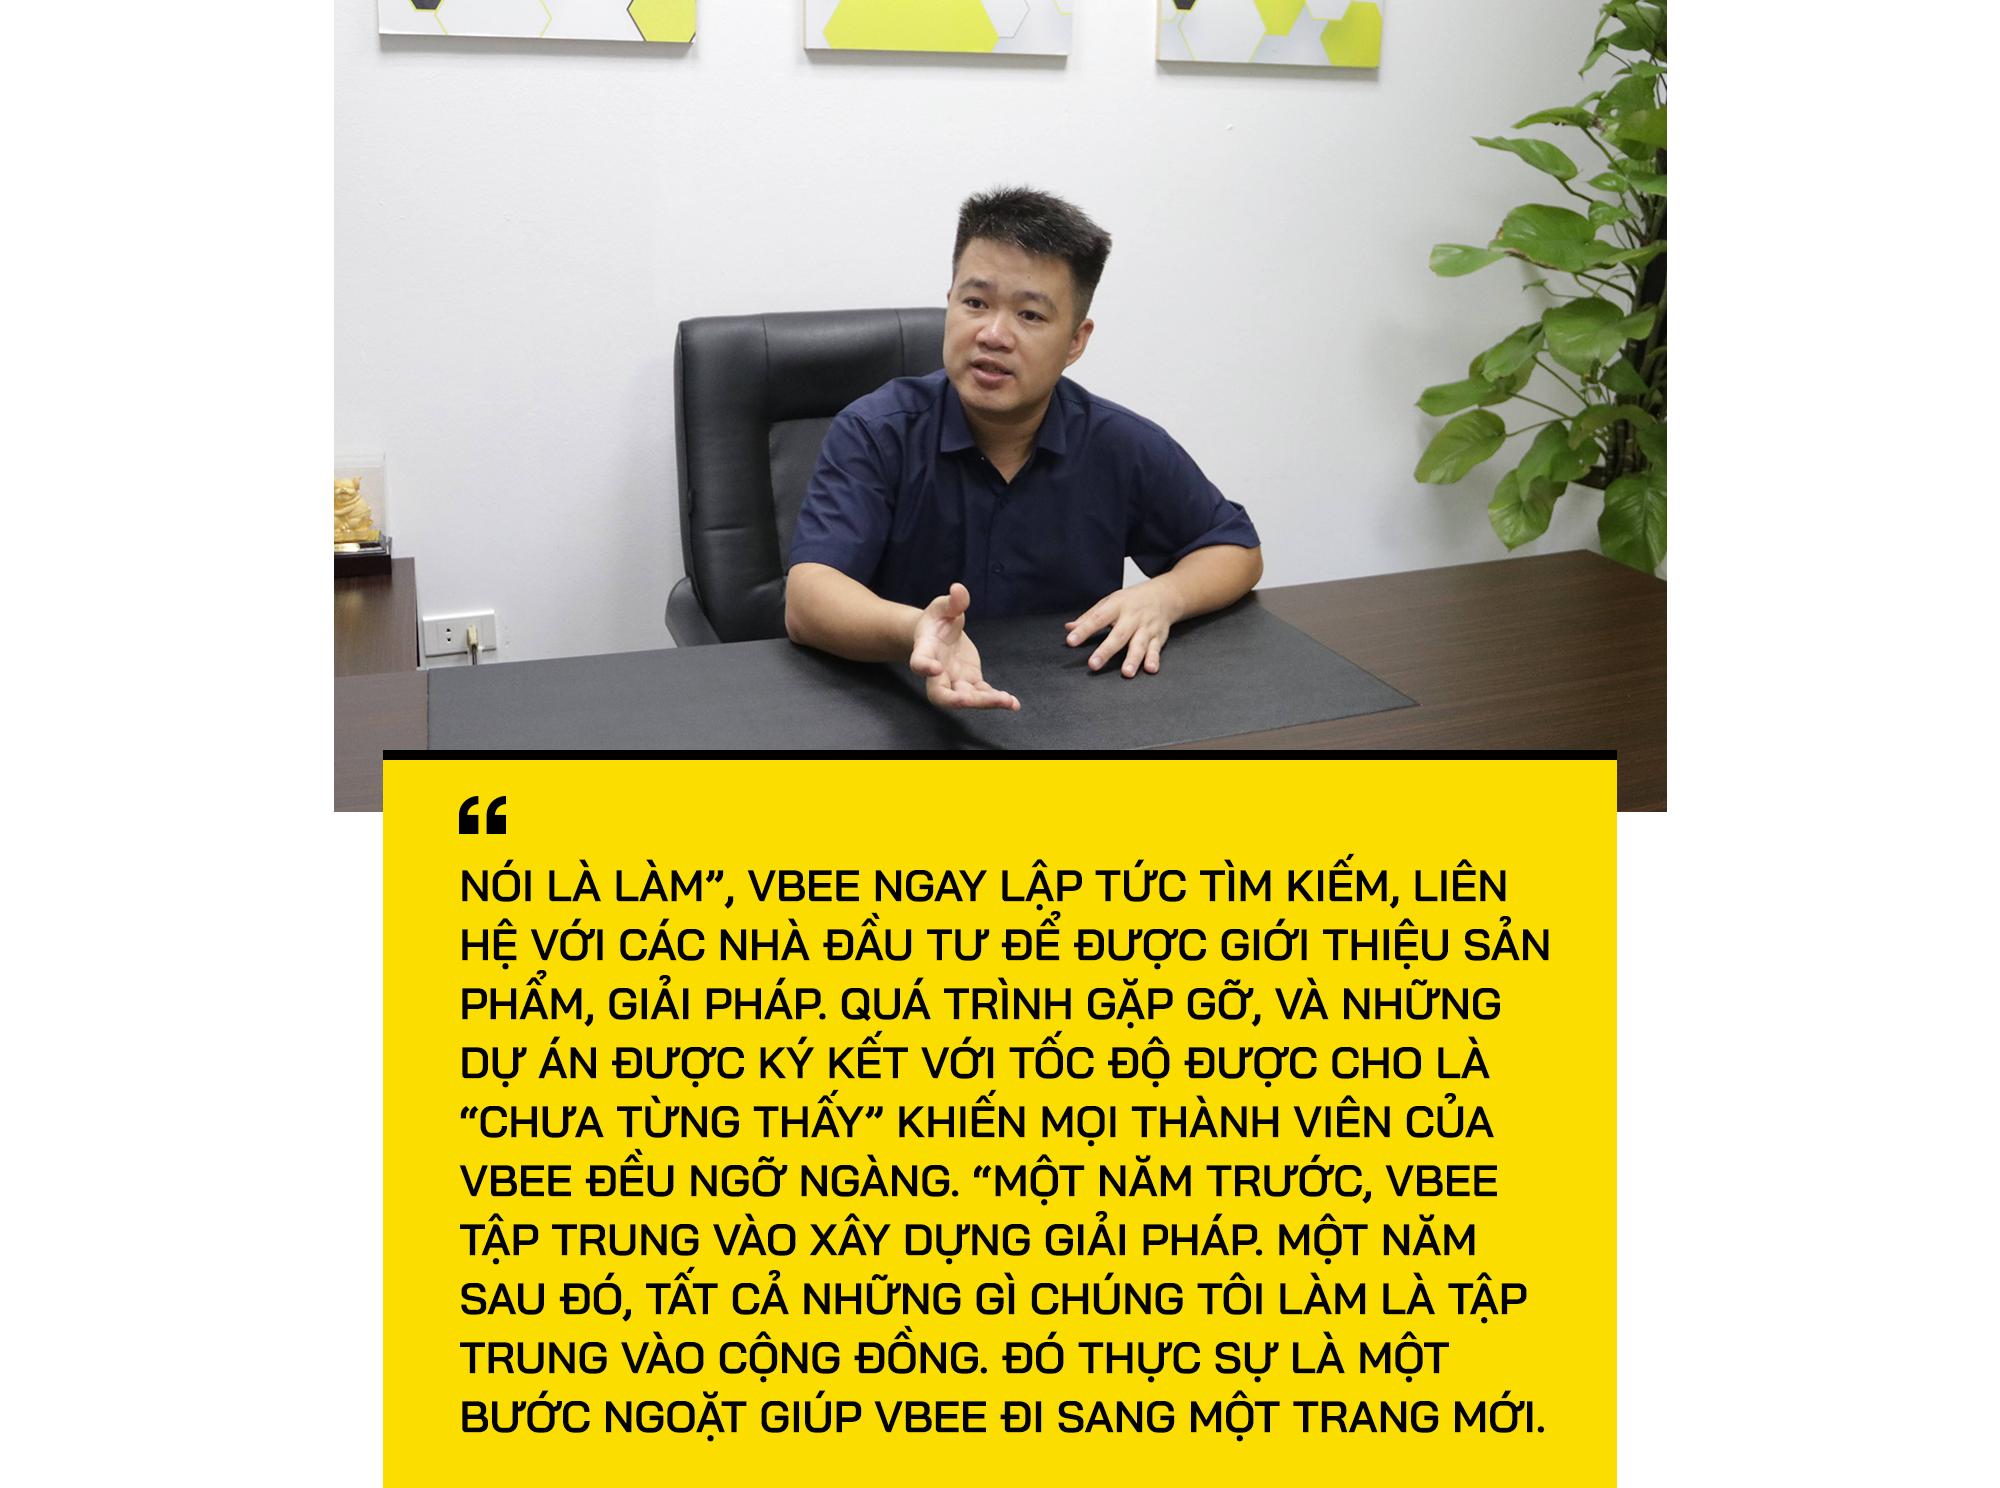 Vbee - Chặng đường 12 năm xây dựng giải pháp ngôn ngữ cho người Việt - 9